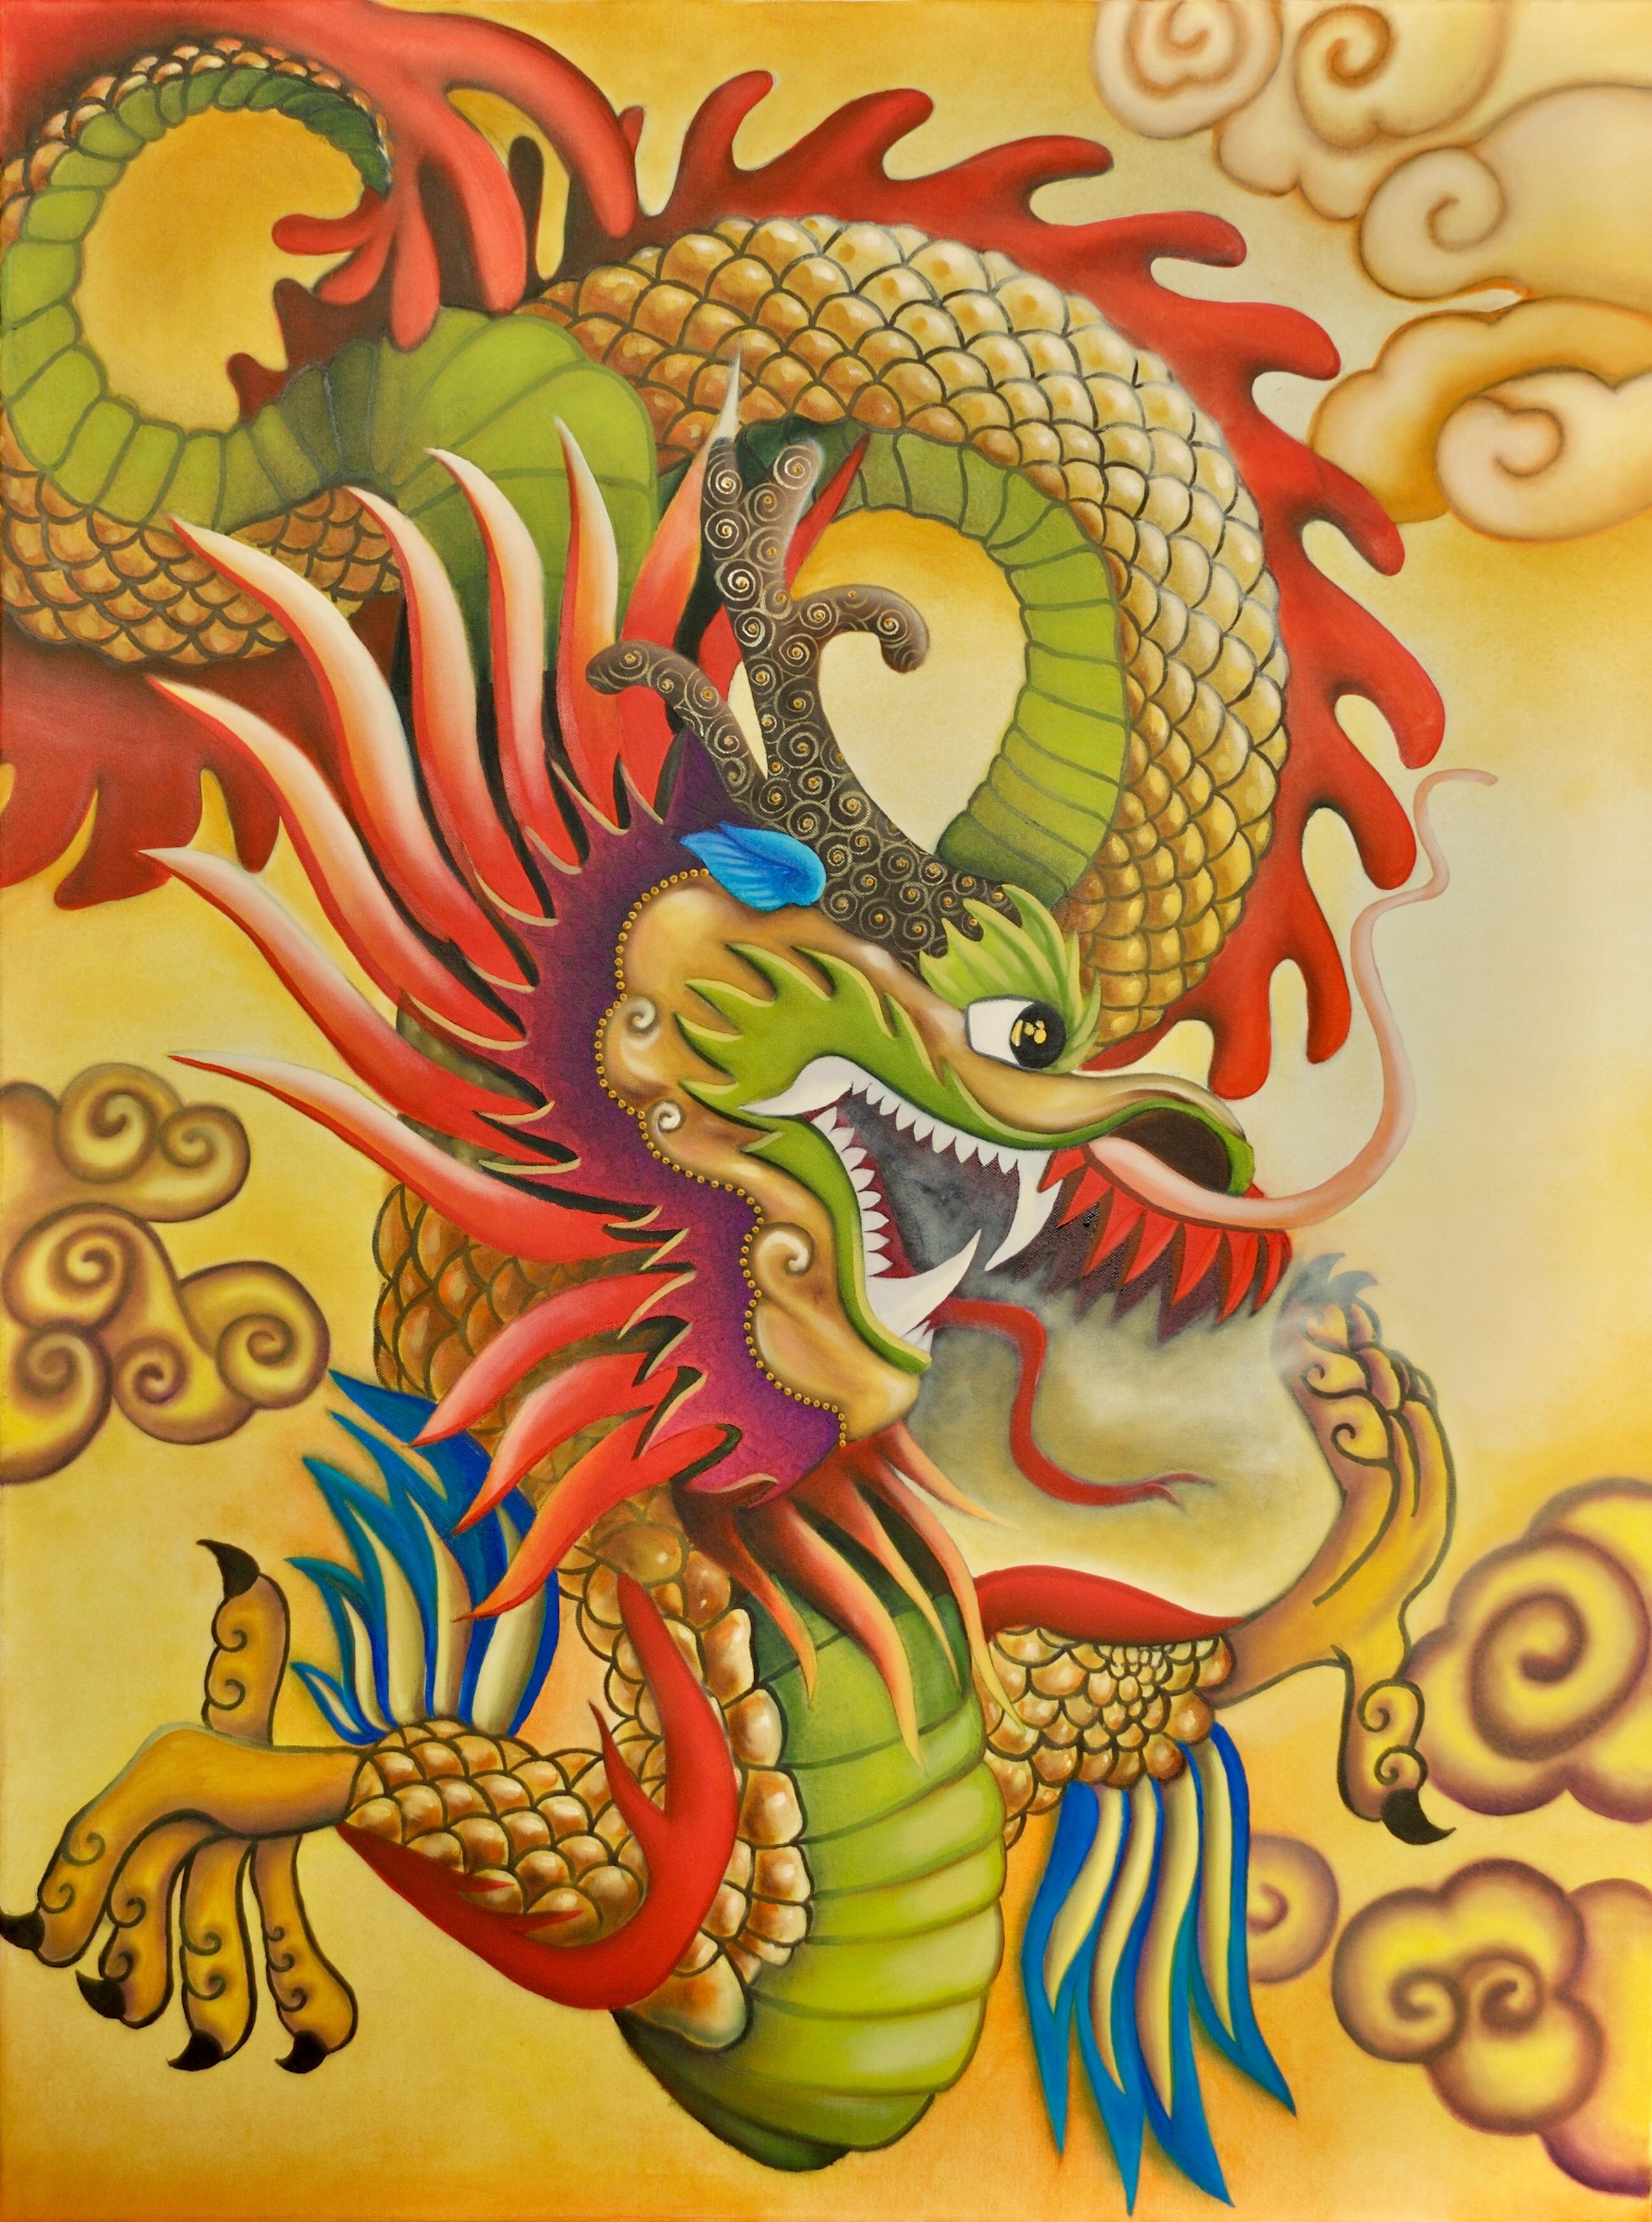 goldener drache by adelso bausdorf